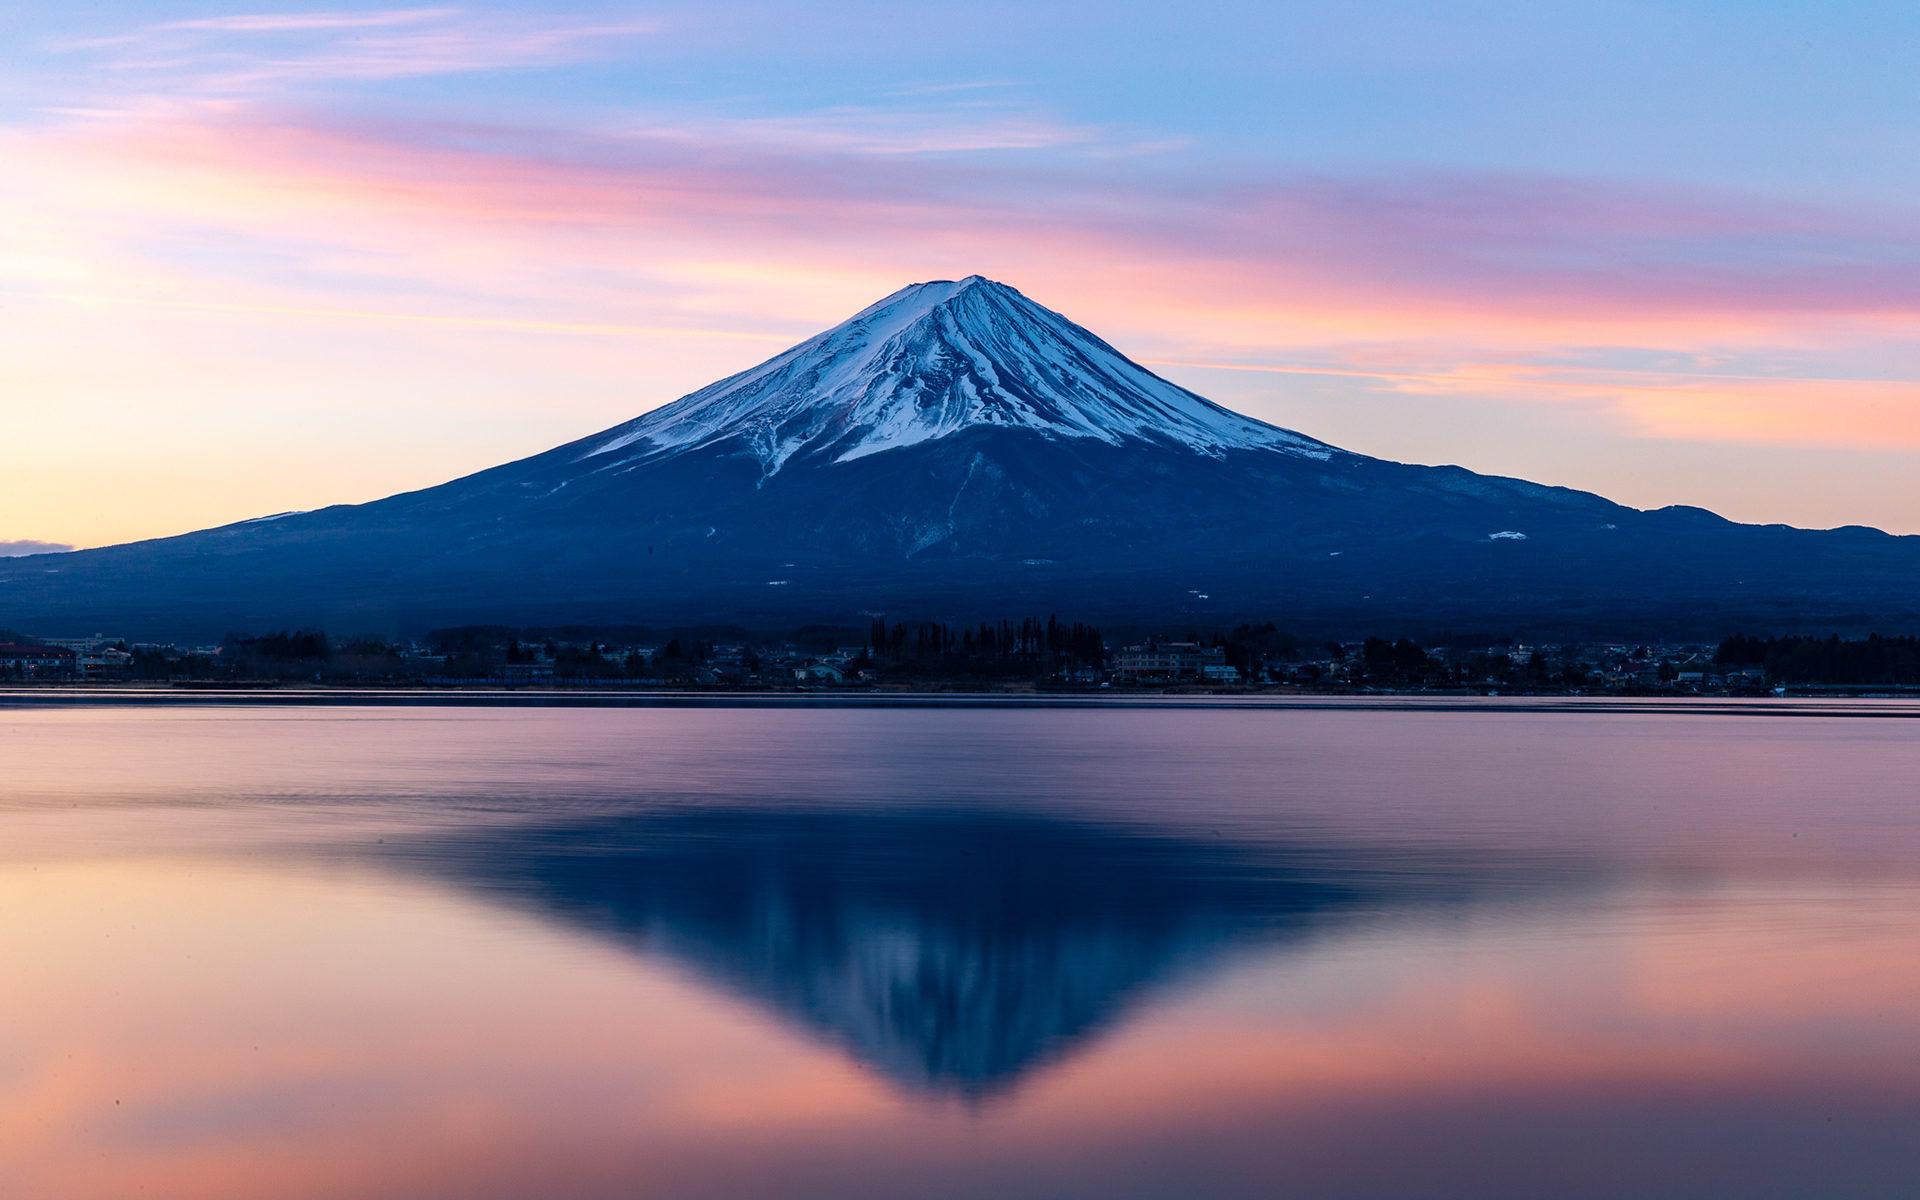 Японские эксперты моделируют последствия извержения горы Фудзияма в будущем